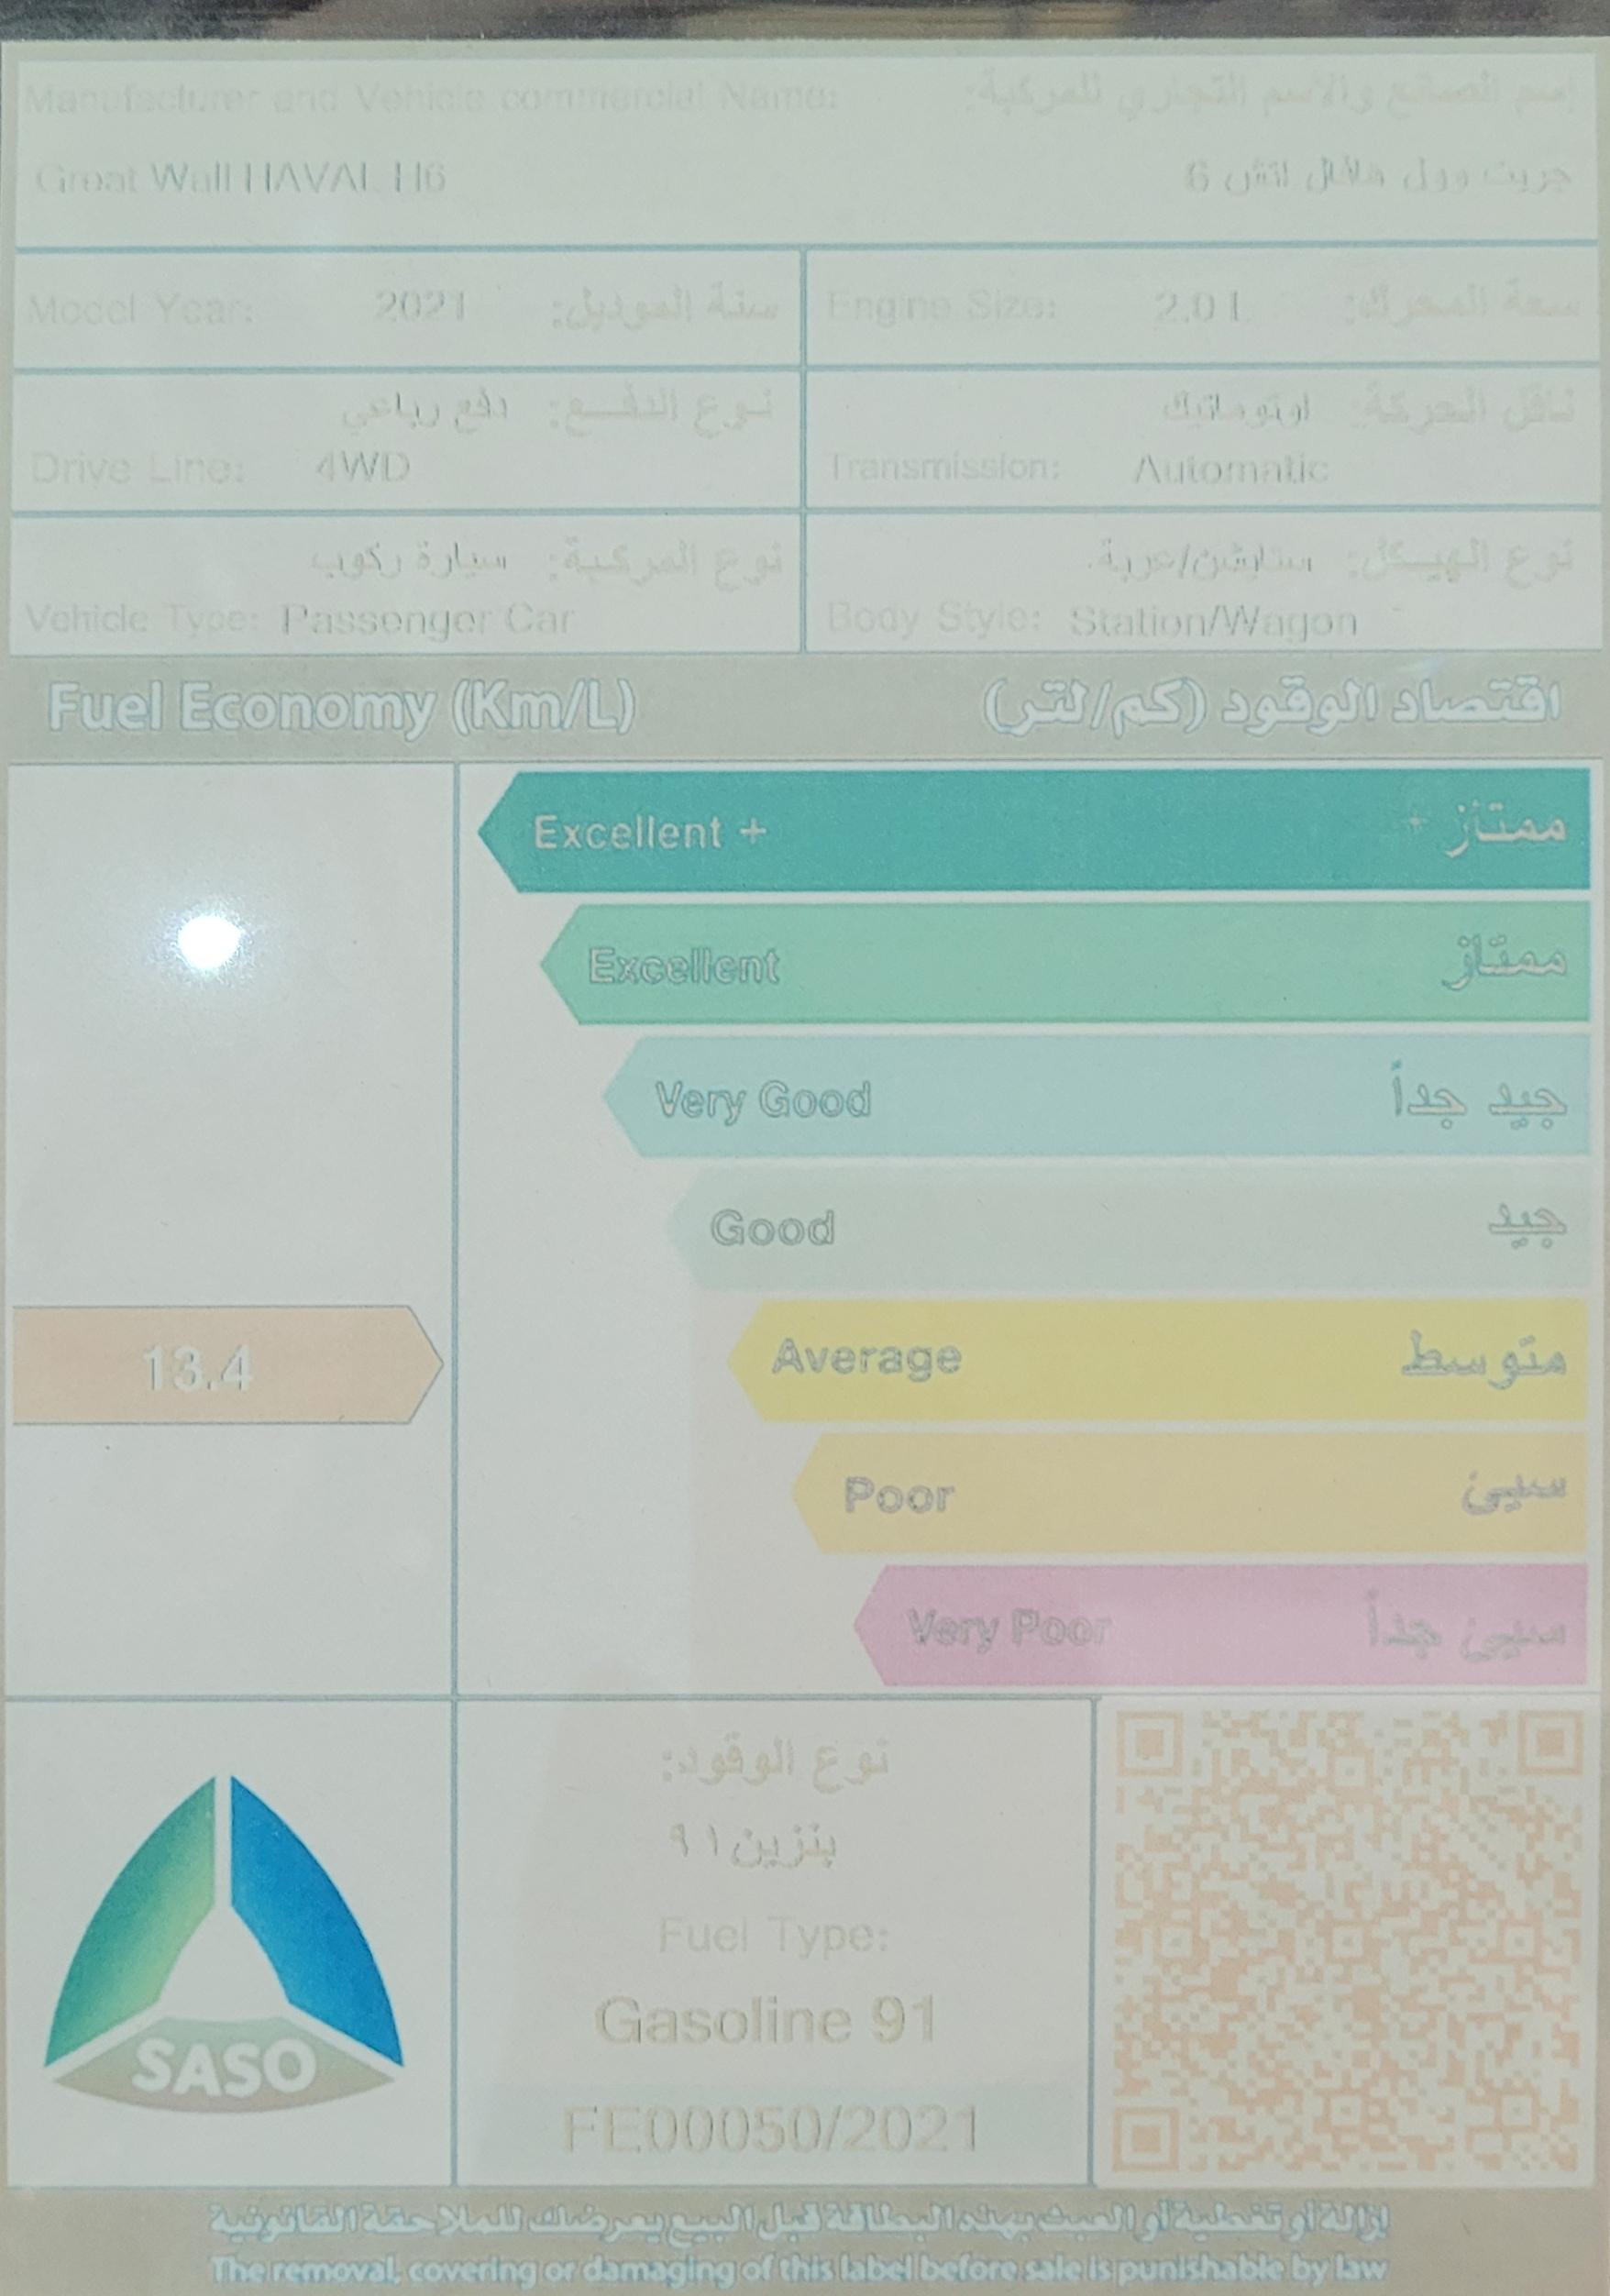 هافال H6 بانوراما 2021 فل سعودي للبيع في الرياض - السعودية - صورة كبيرة - 8